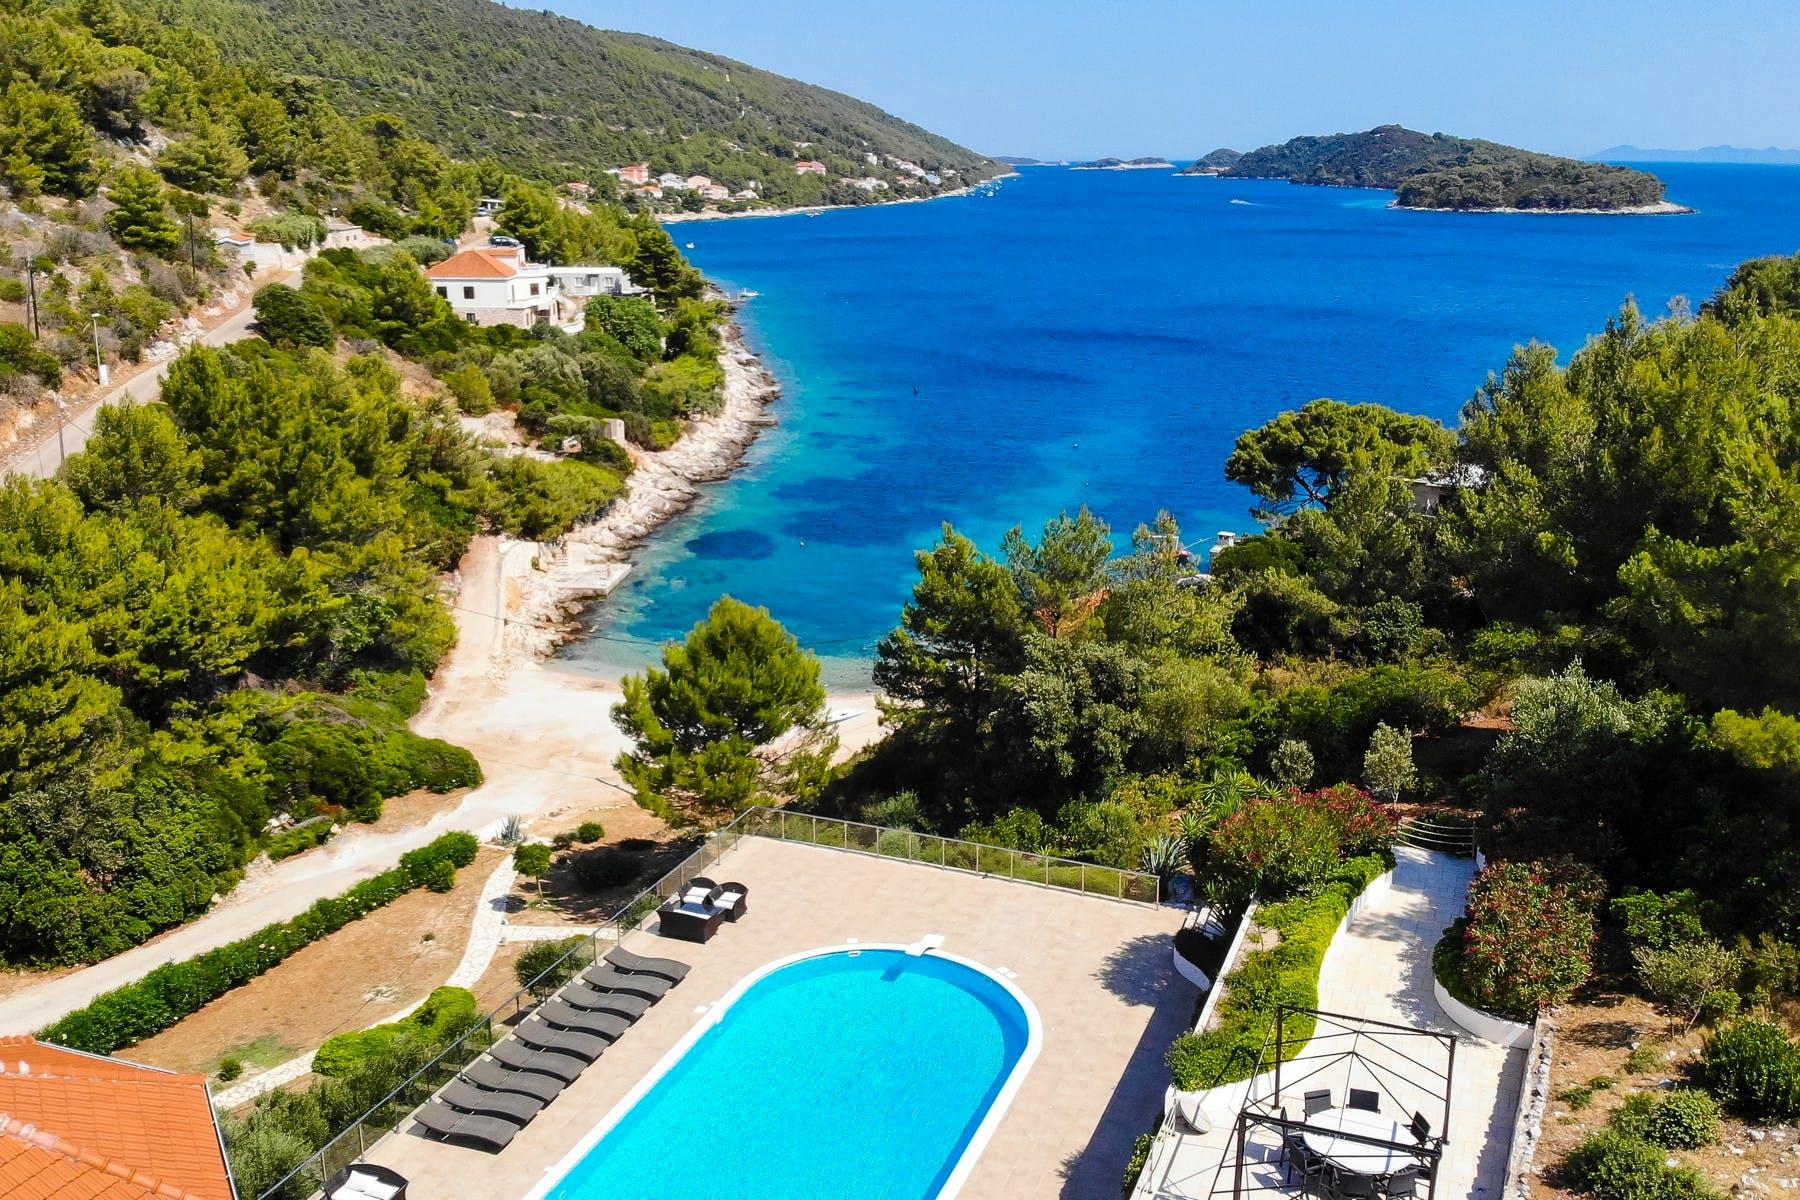 Panoramski pogled na more i bazen